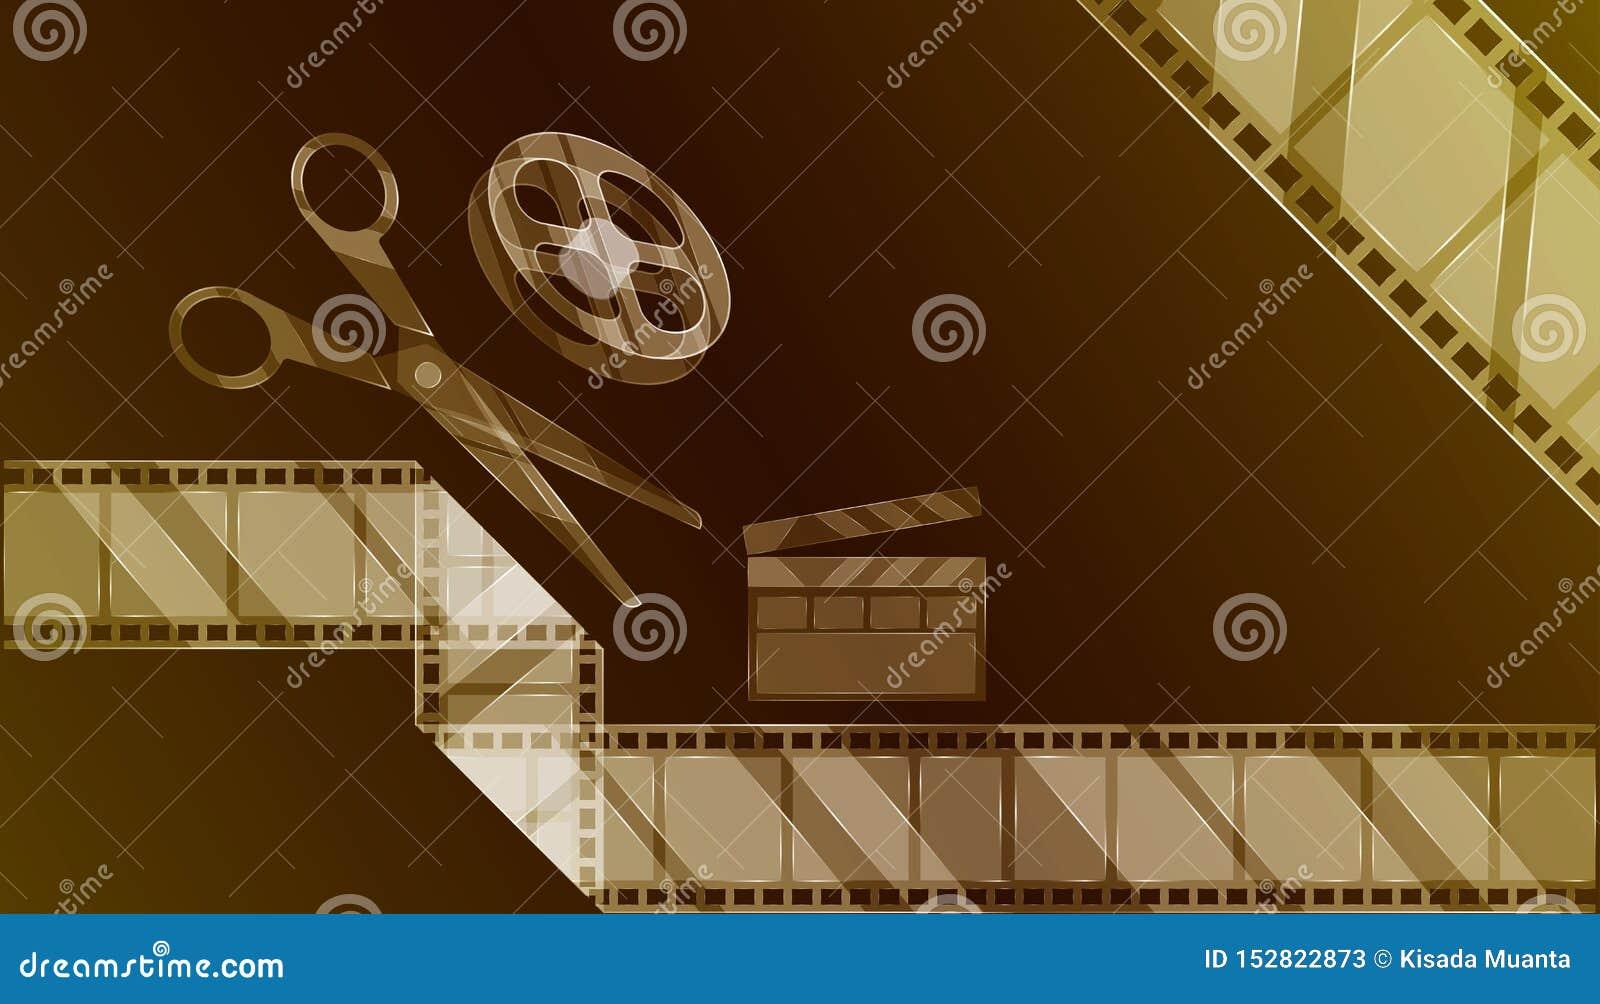 Table de montage équipement en verre transparent de luxe de créateur de film de film pour le votre faire l agrafe et la faire en